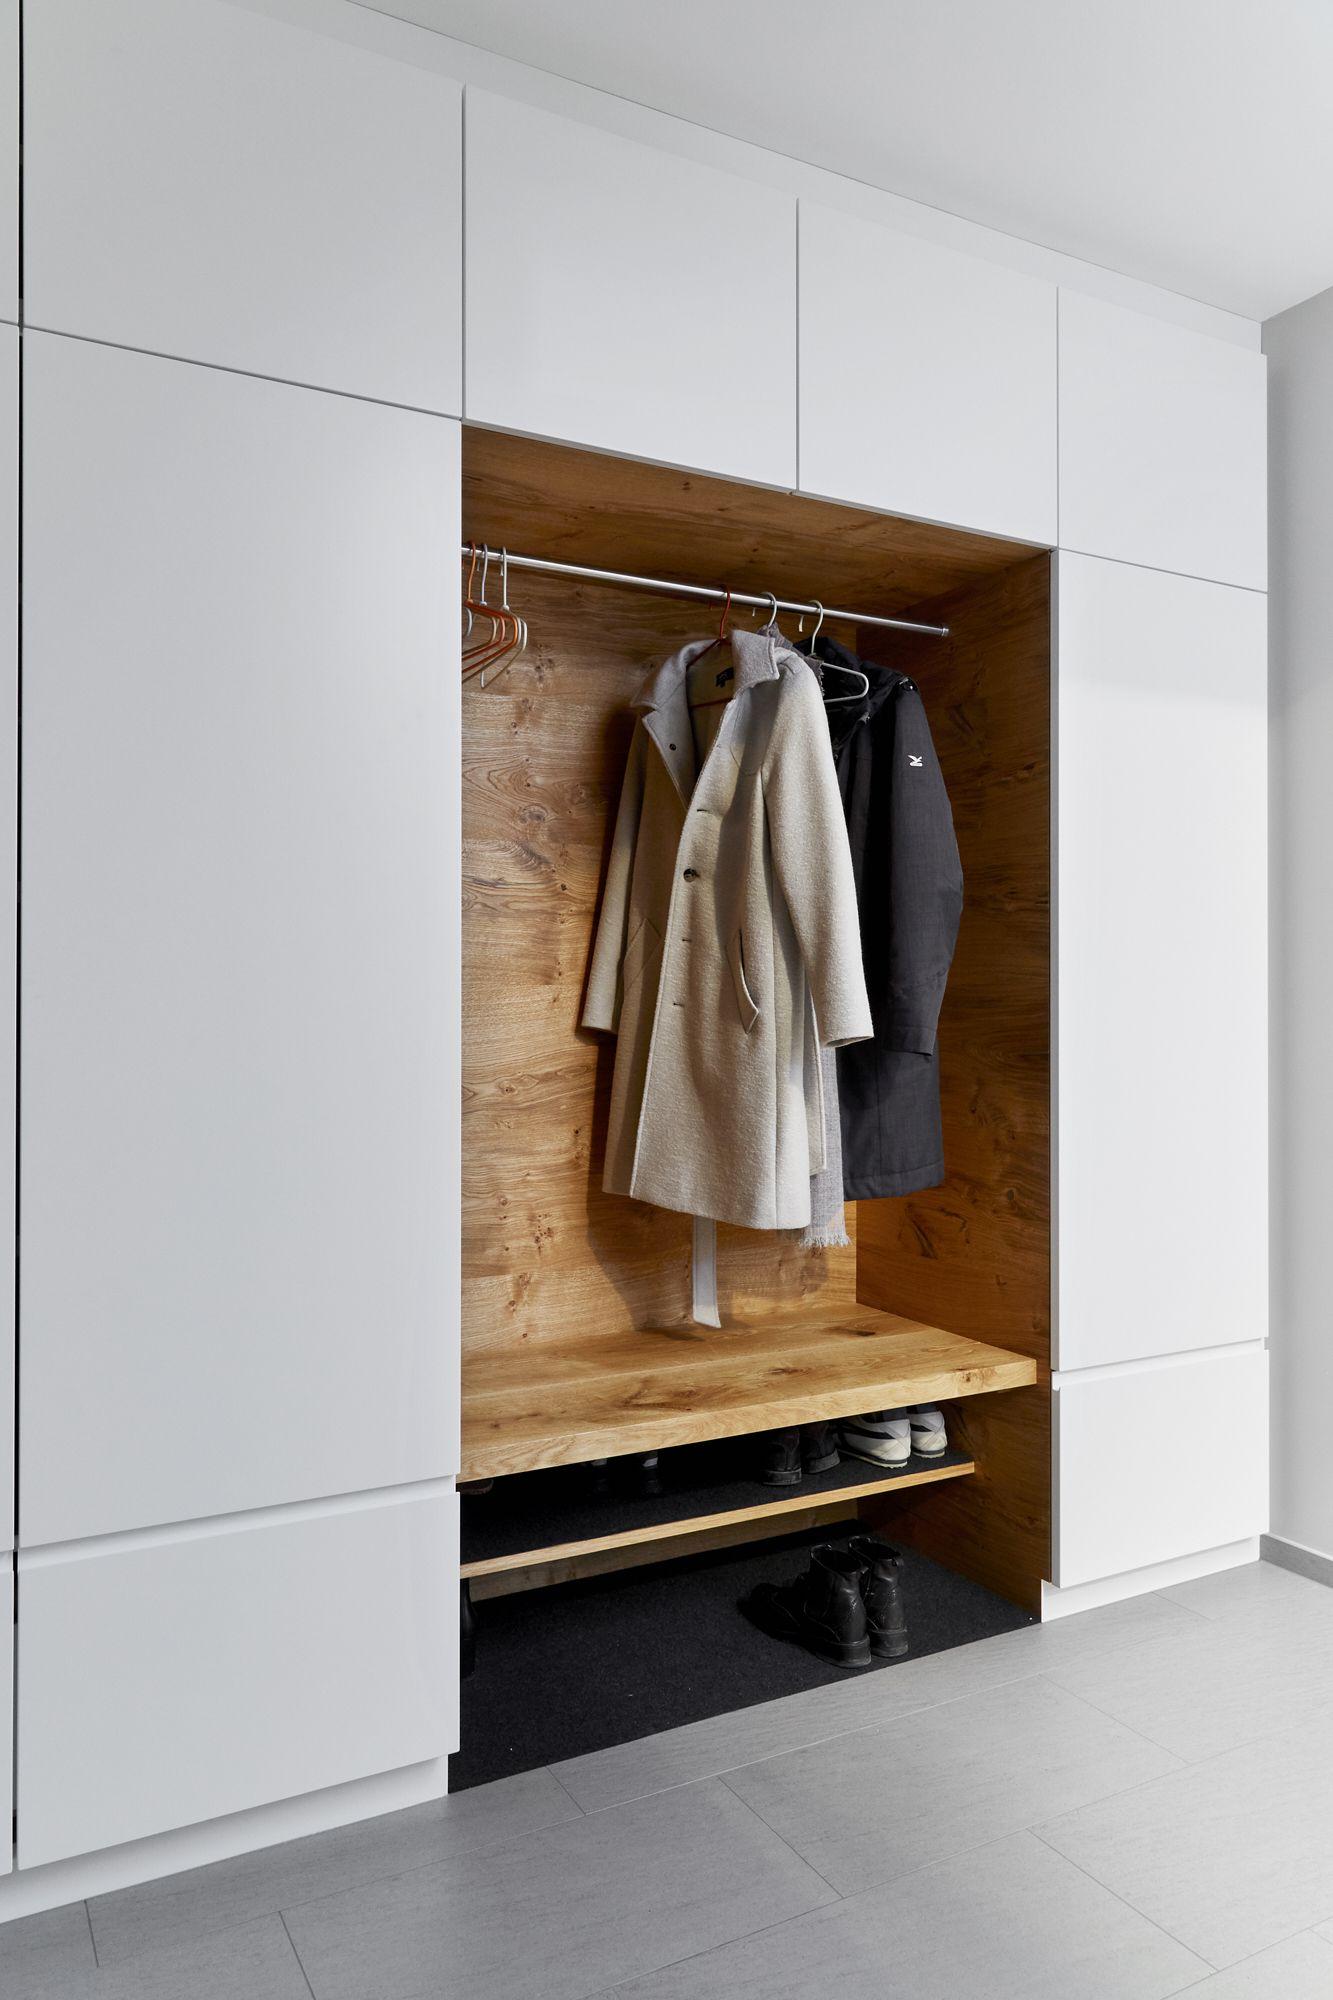 Ankommen Ritsch Mobelhandwerk Dornbirn Garderoben Eingangsbereich Eingangsbereich Mobel Schrank Design